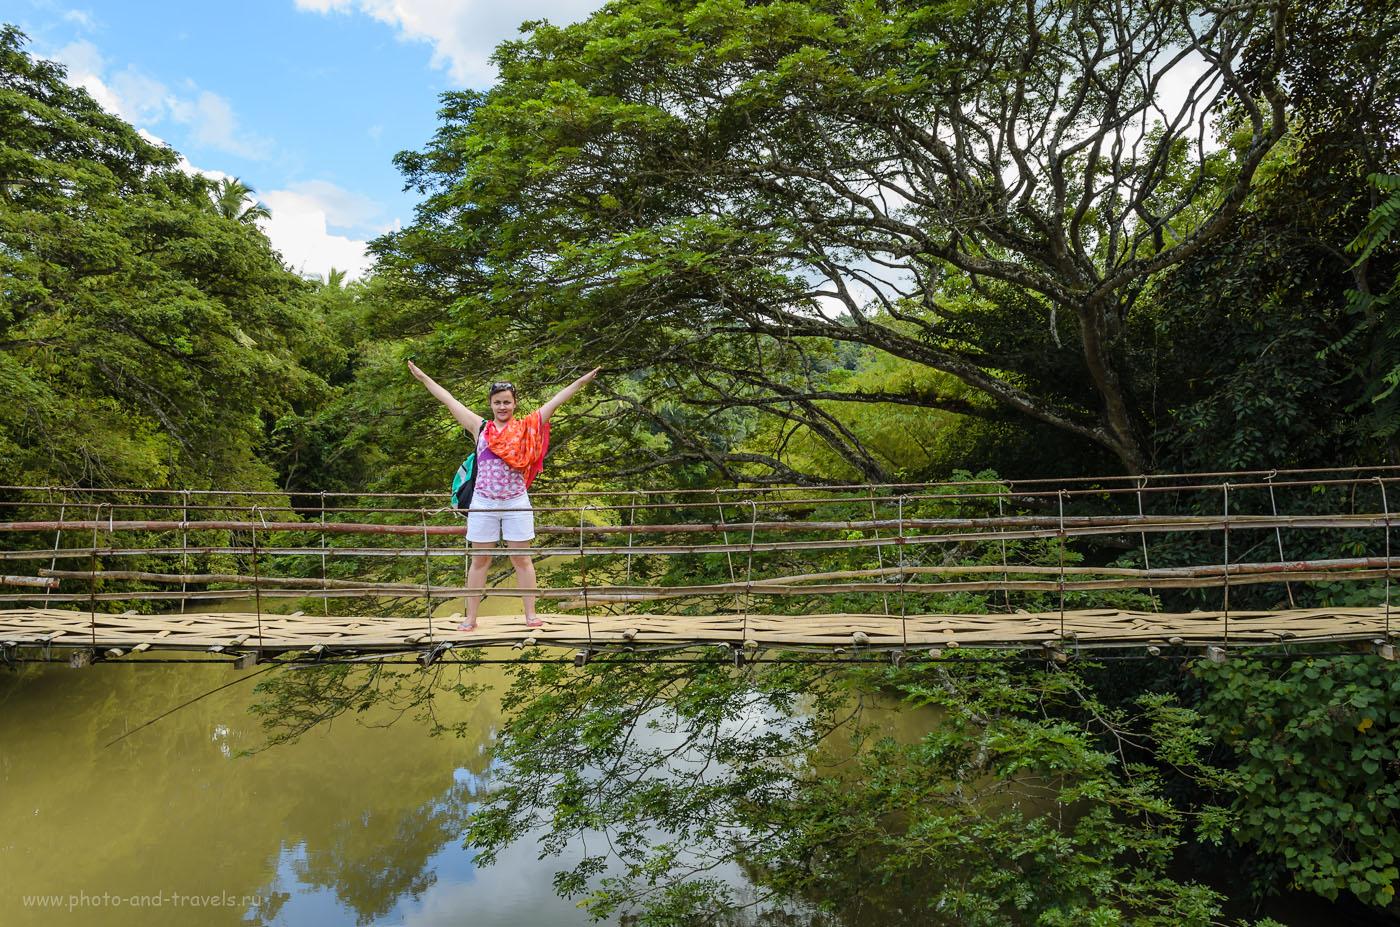 Фото 7. Подвесной мост через реку со смешным названием Лобок (Loboc River) на острове Бохоль, что на Филиппинах. Как снять интересный фотоотчет. 1/80, 10.0, 200, 18.